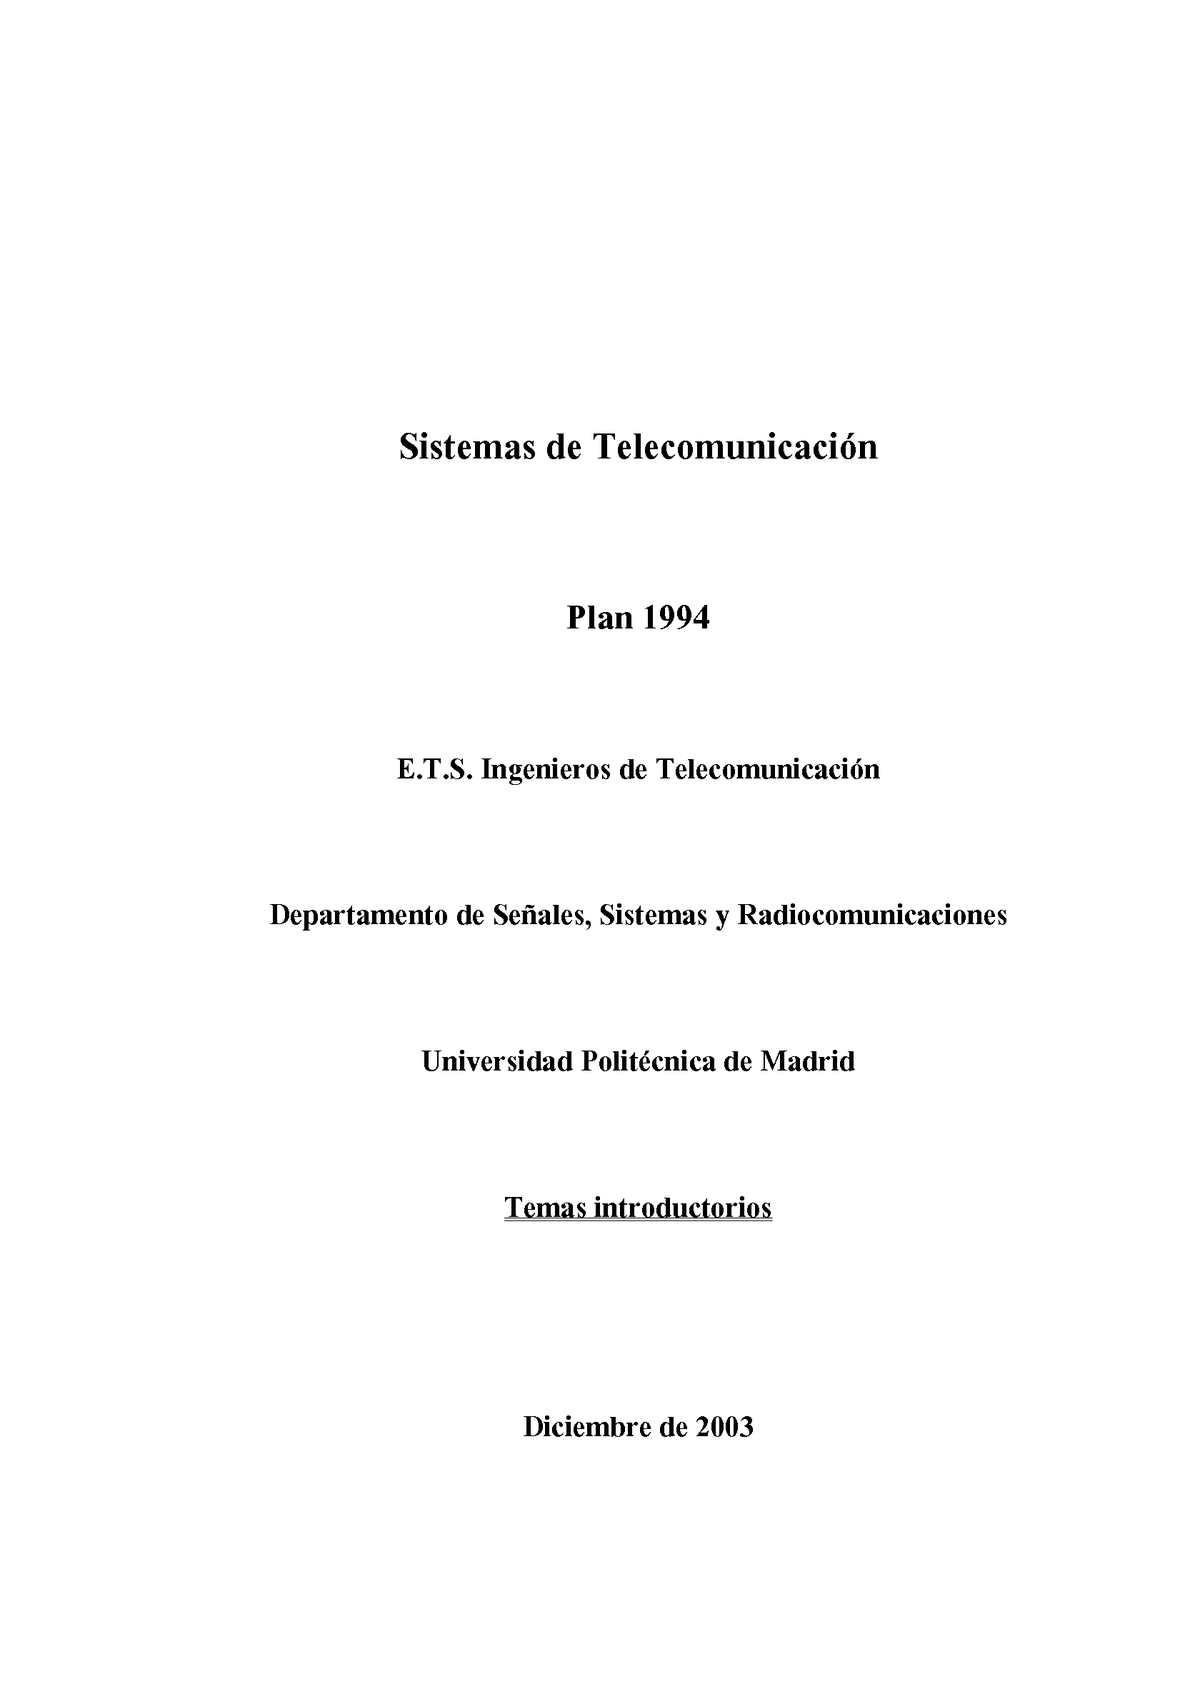 Calaméo - SISTEMA DE TELECOMUNICACIONES 1_apuntes_sistemas_y_servicios